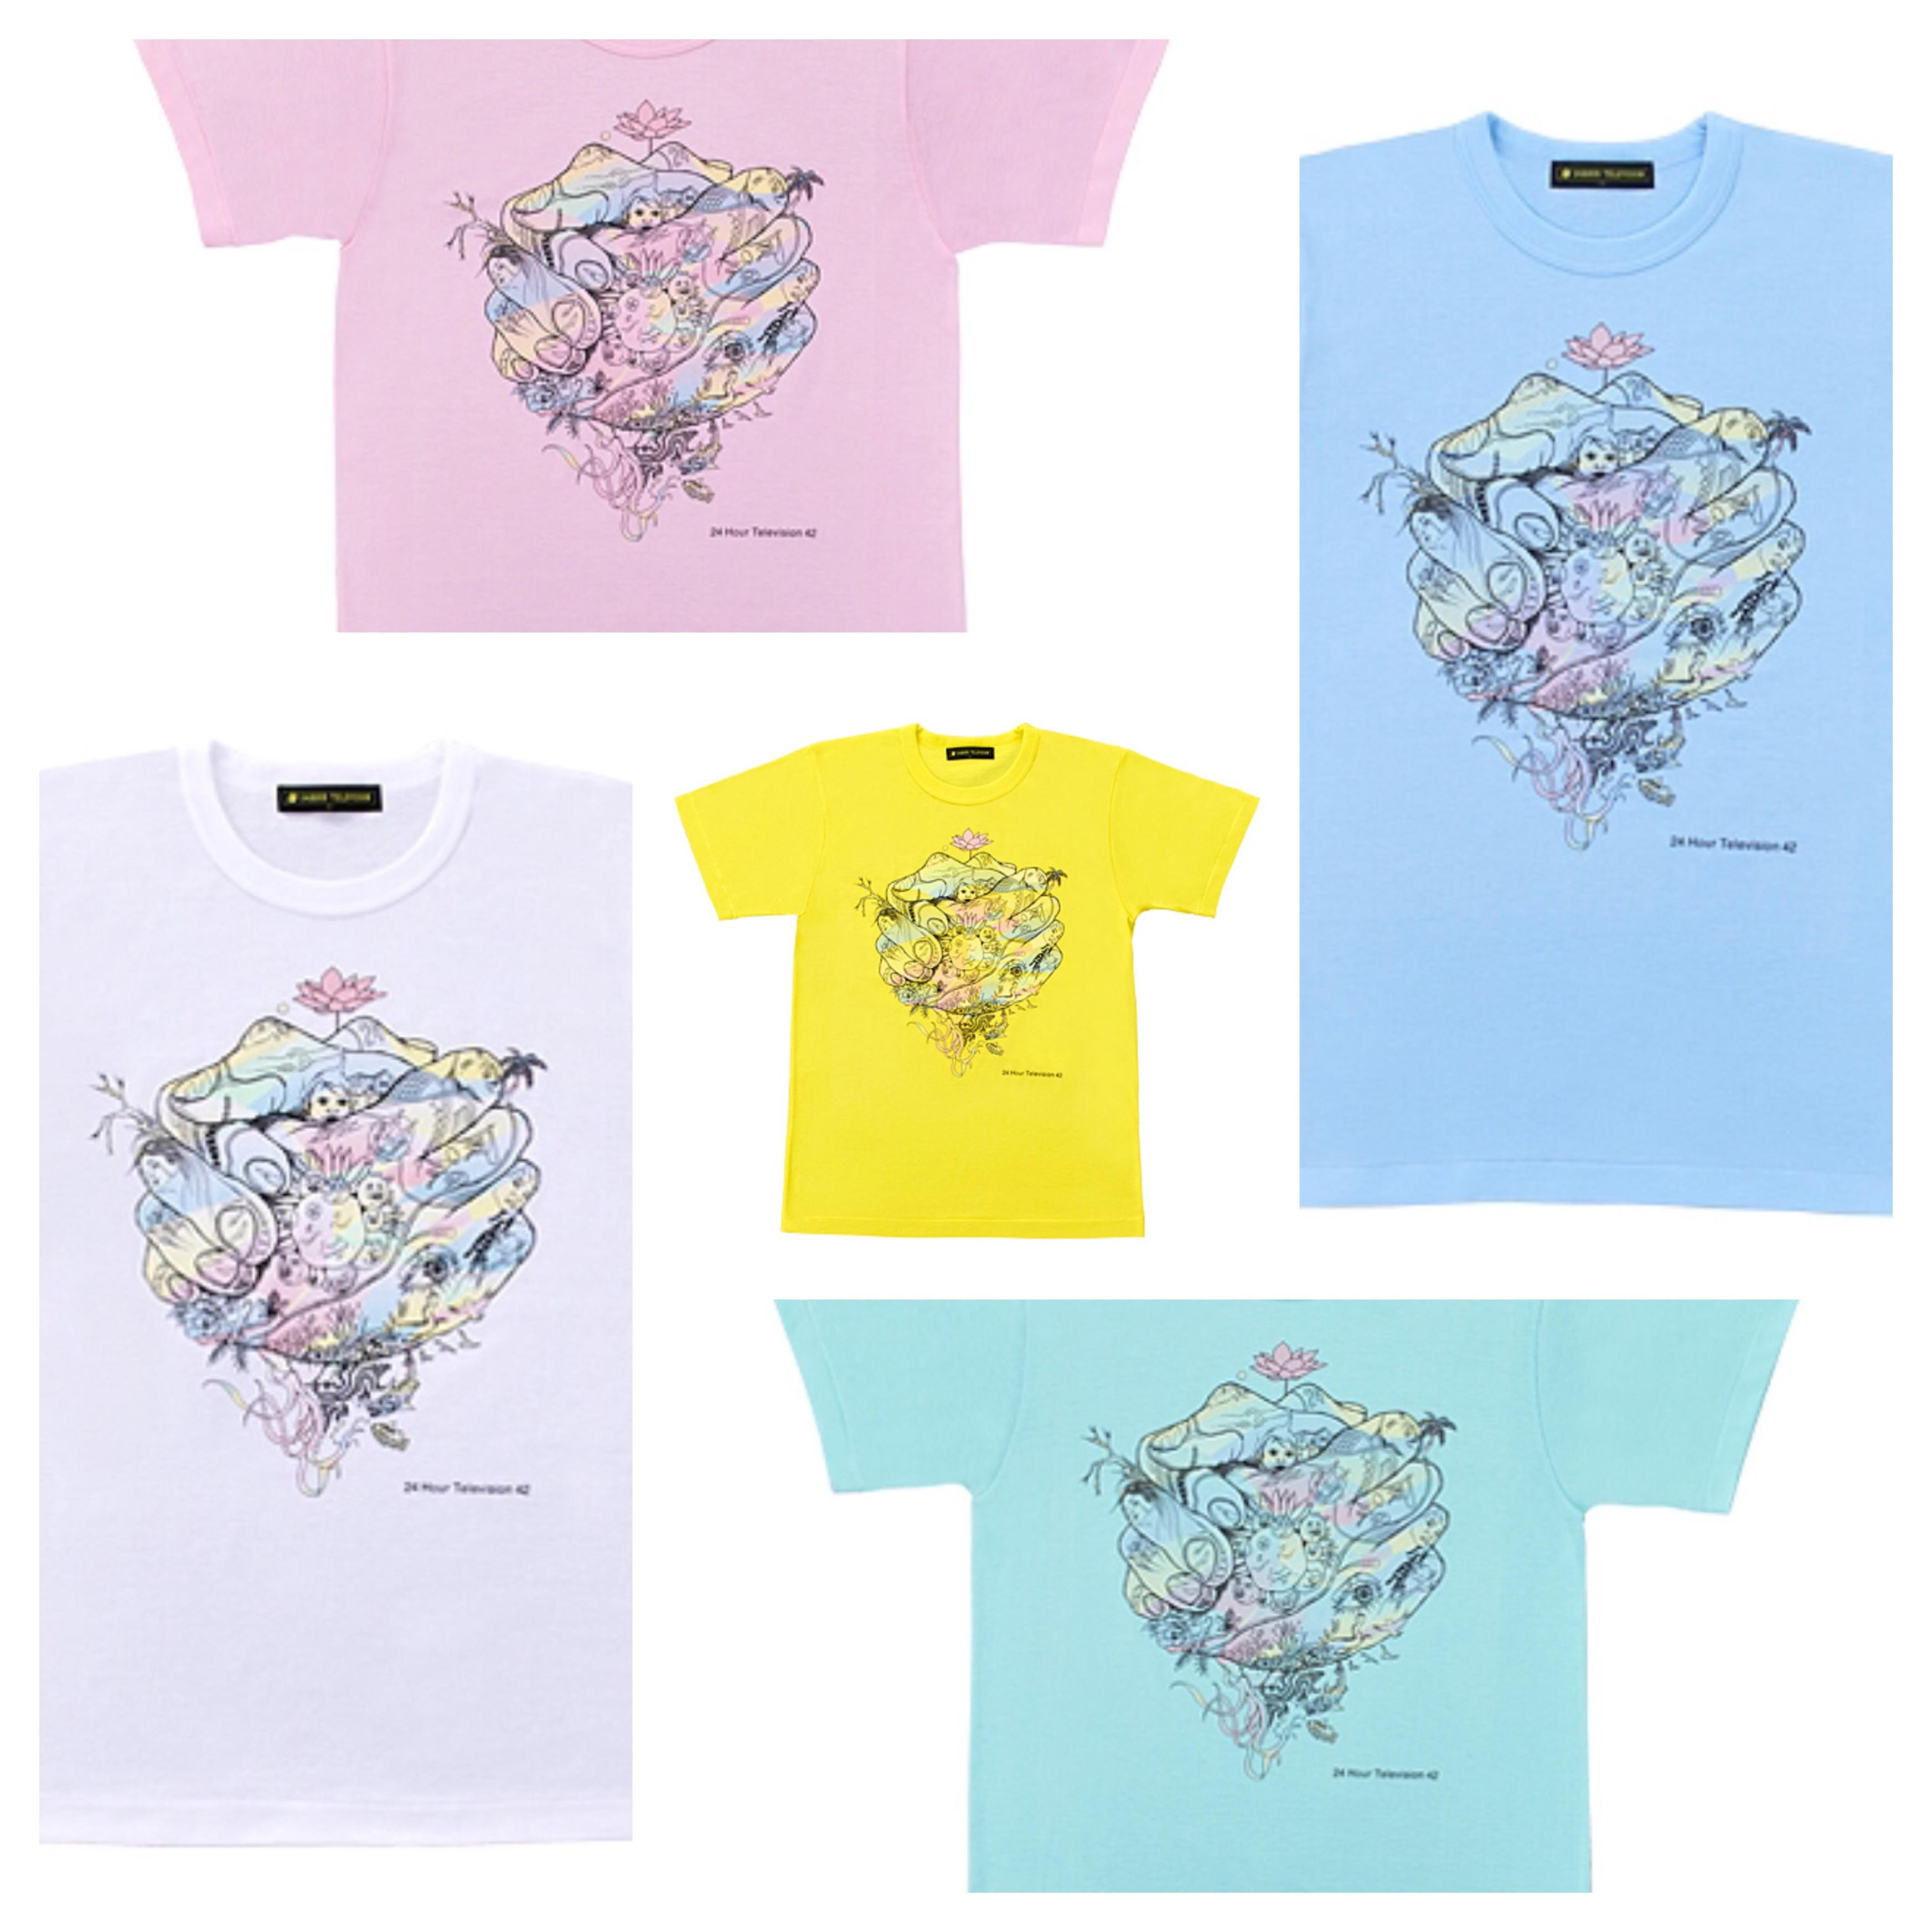 嵐の大野智デザイン「チャリTシャツ」が大変な事に